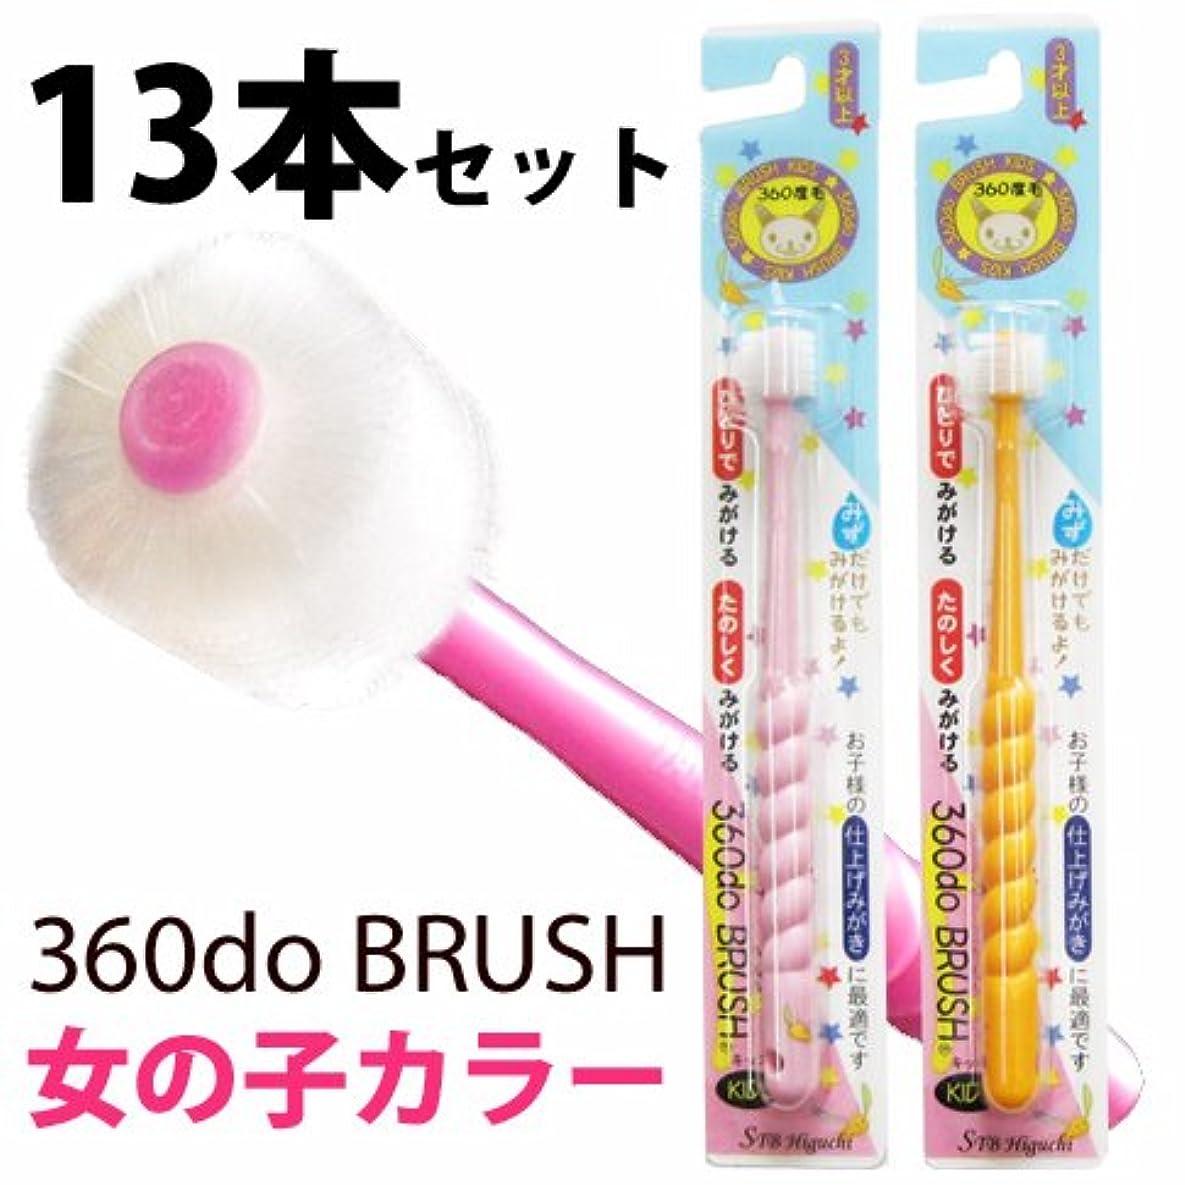 入浴トークン安らぎ360do BRUSH 360度歯ブラシ キッズ 女の子用 13本セット